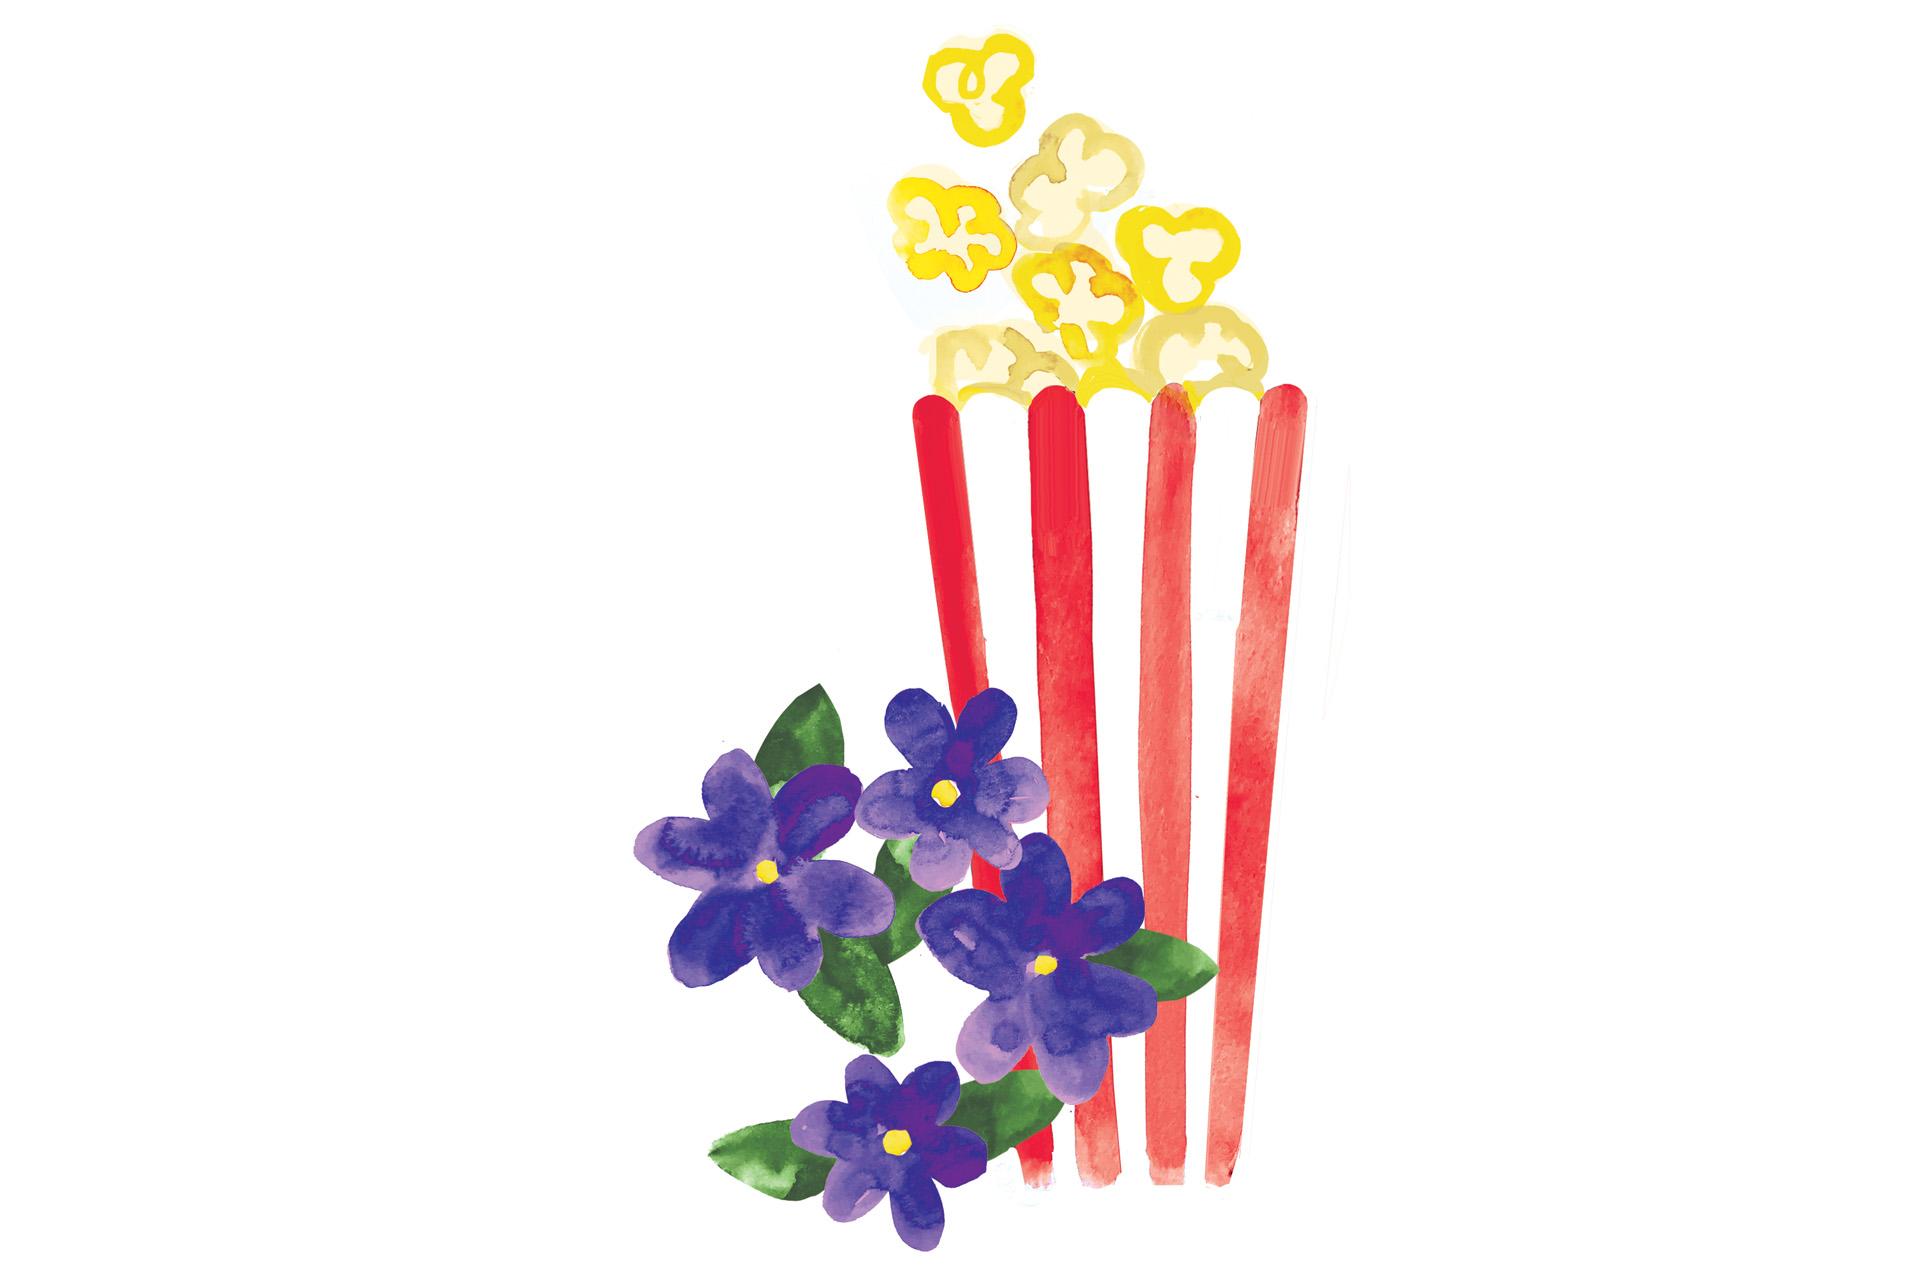 Illustration of buttered popcorn and violets